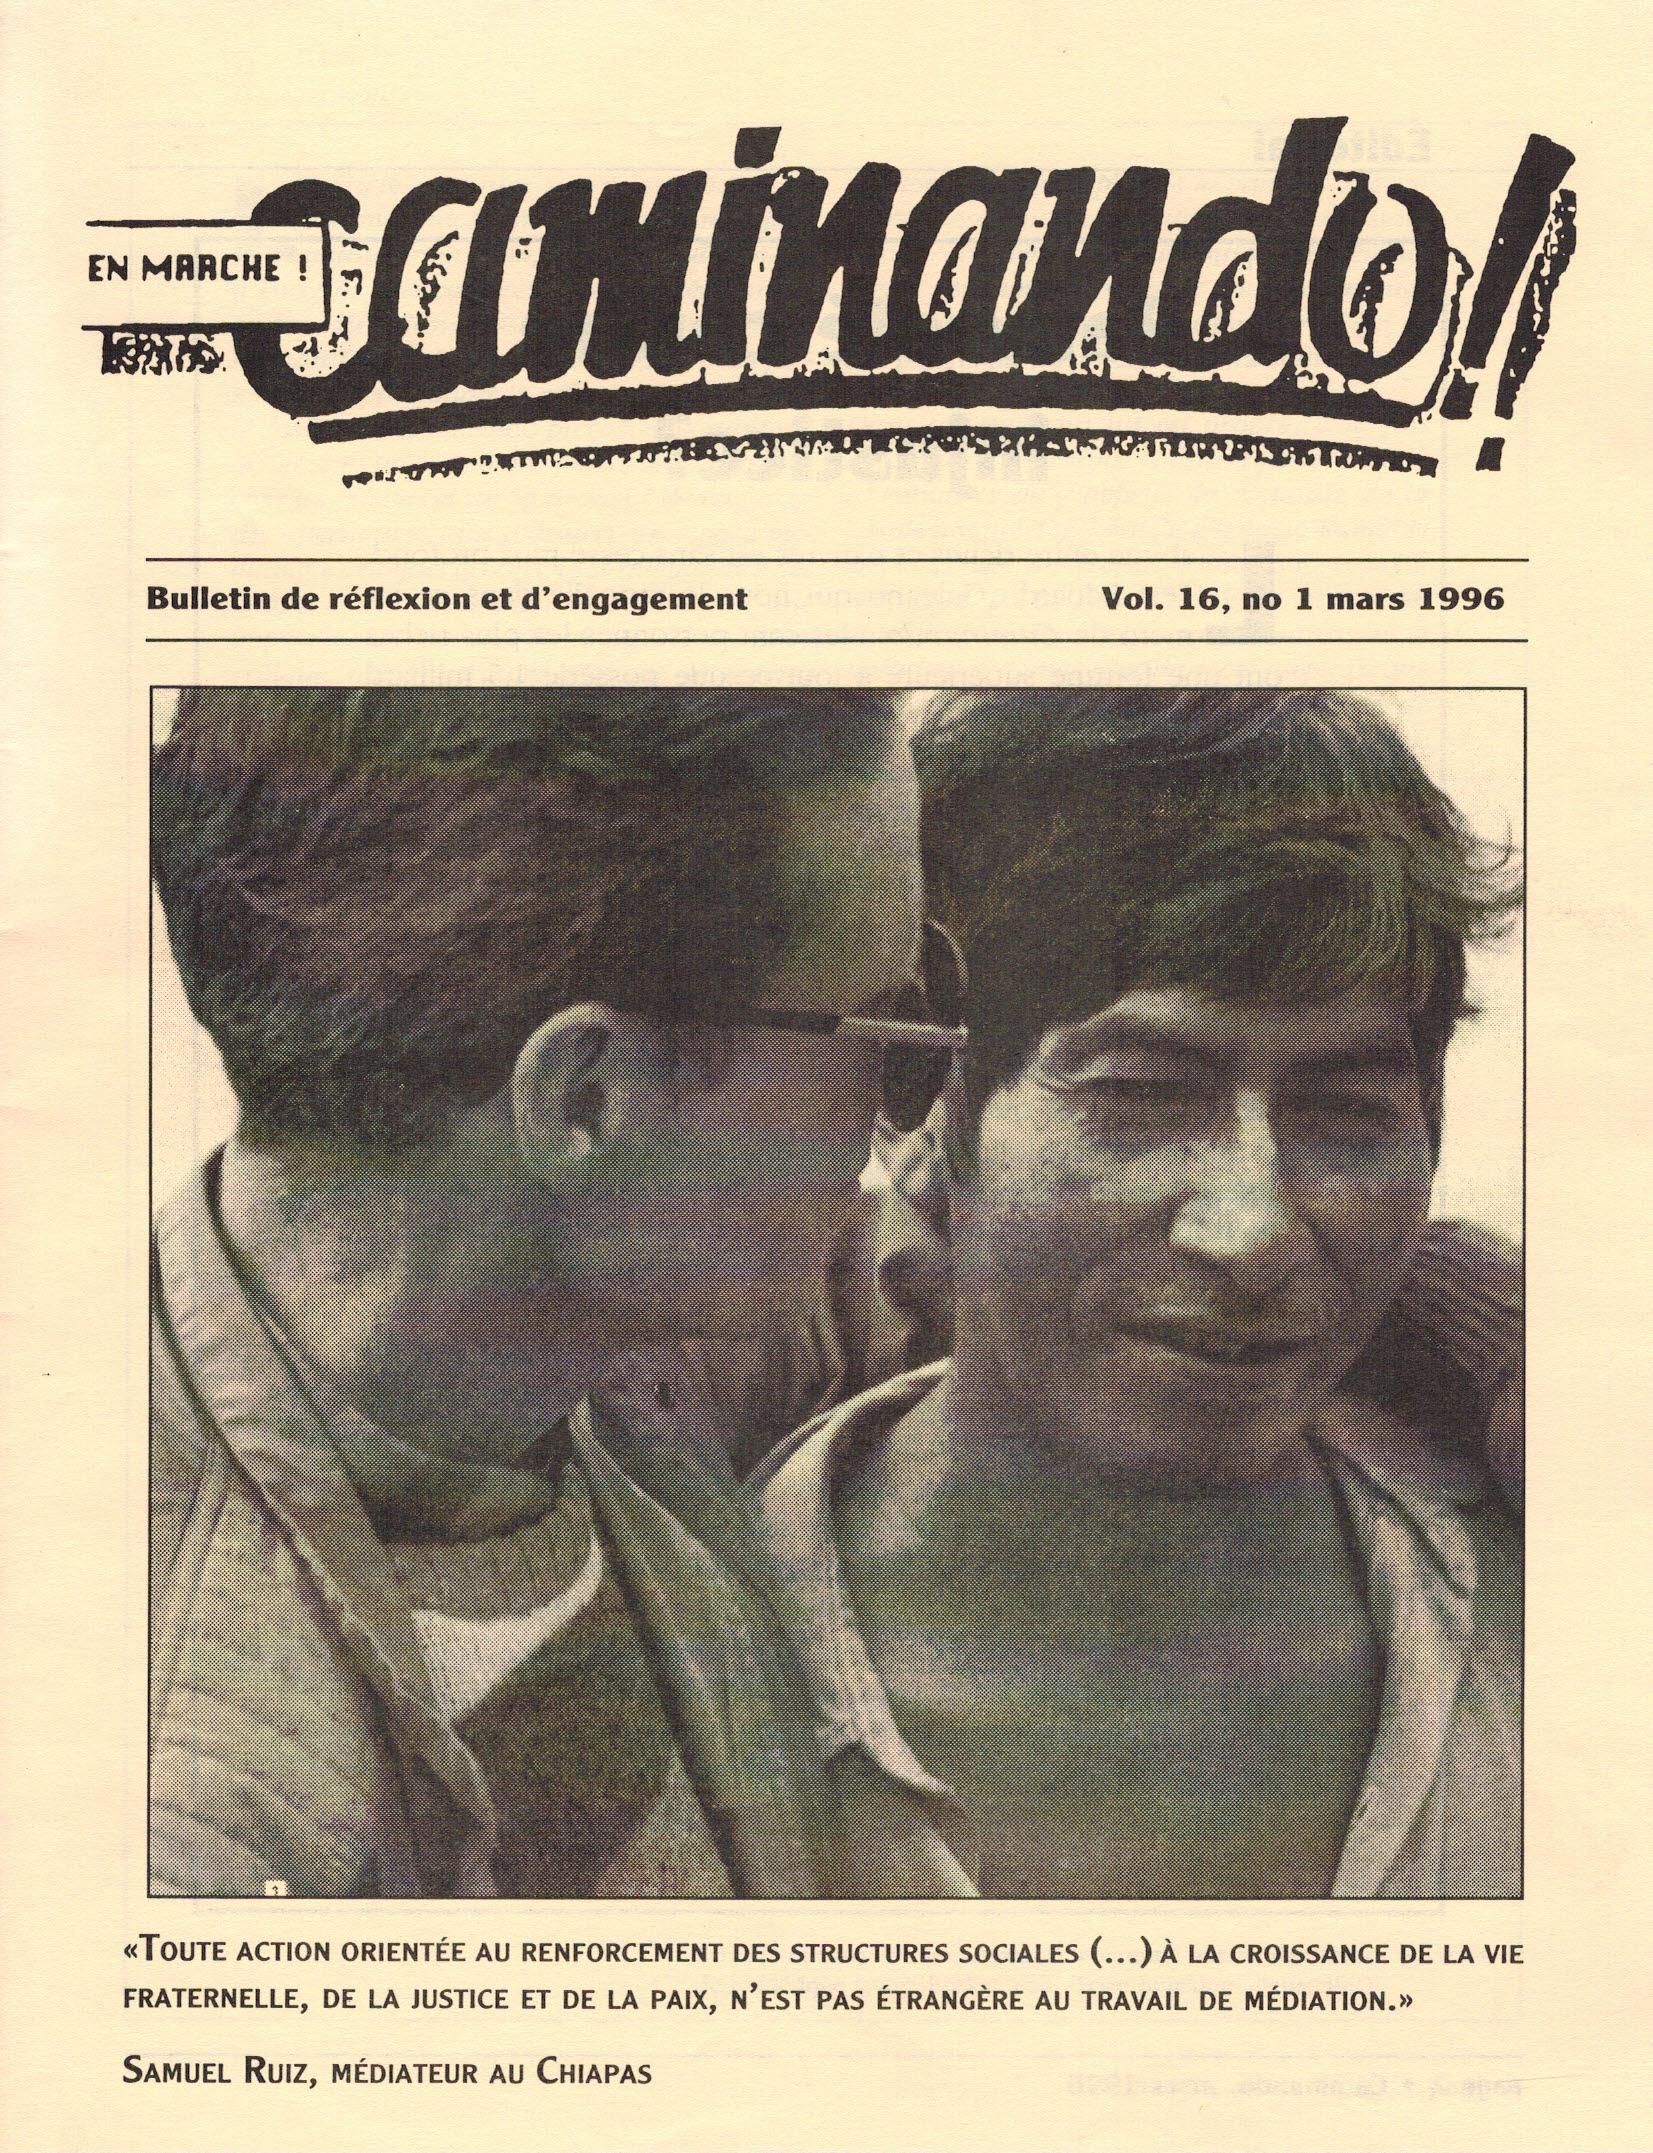 Caminando-vol16-No1-mars1996_couverture